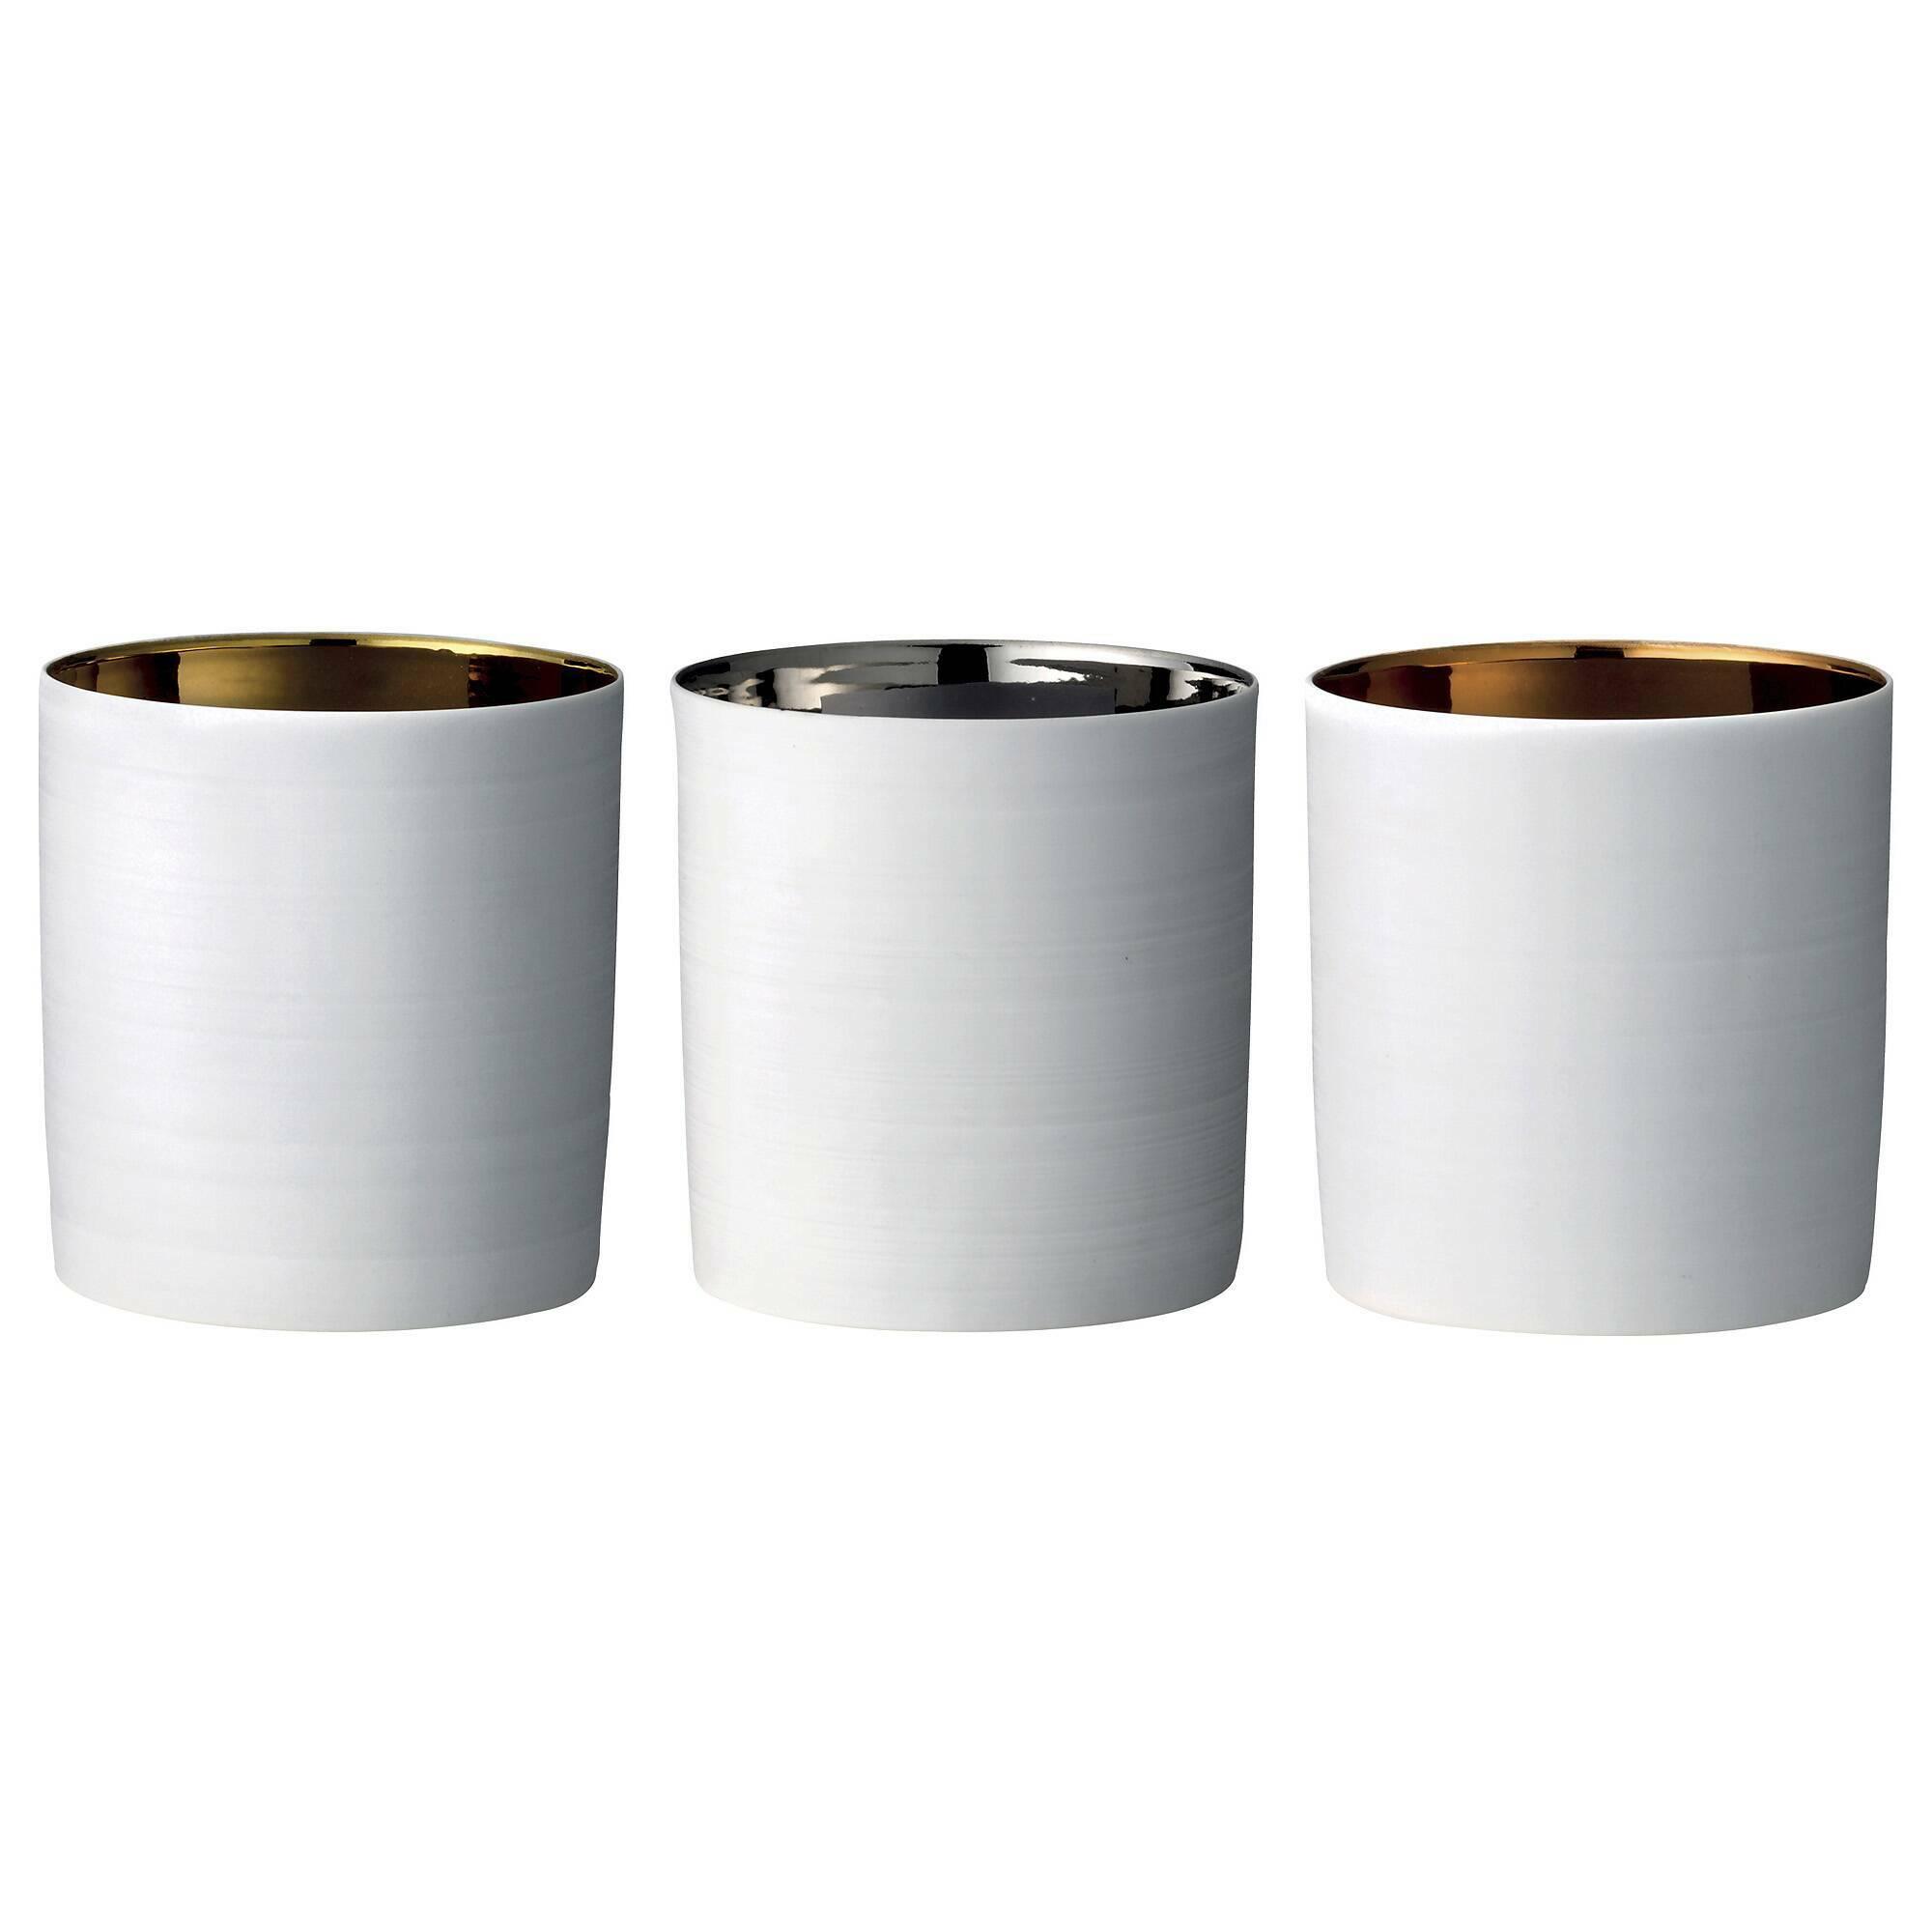 Набор из 3 подсвечниковПодсвечники и свечи<br><br><br>stock: 1<br>Высота: 8<br>Материал: Фарфор<br>Цвет: Белый<br>Диаметр: 7